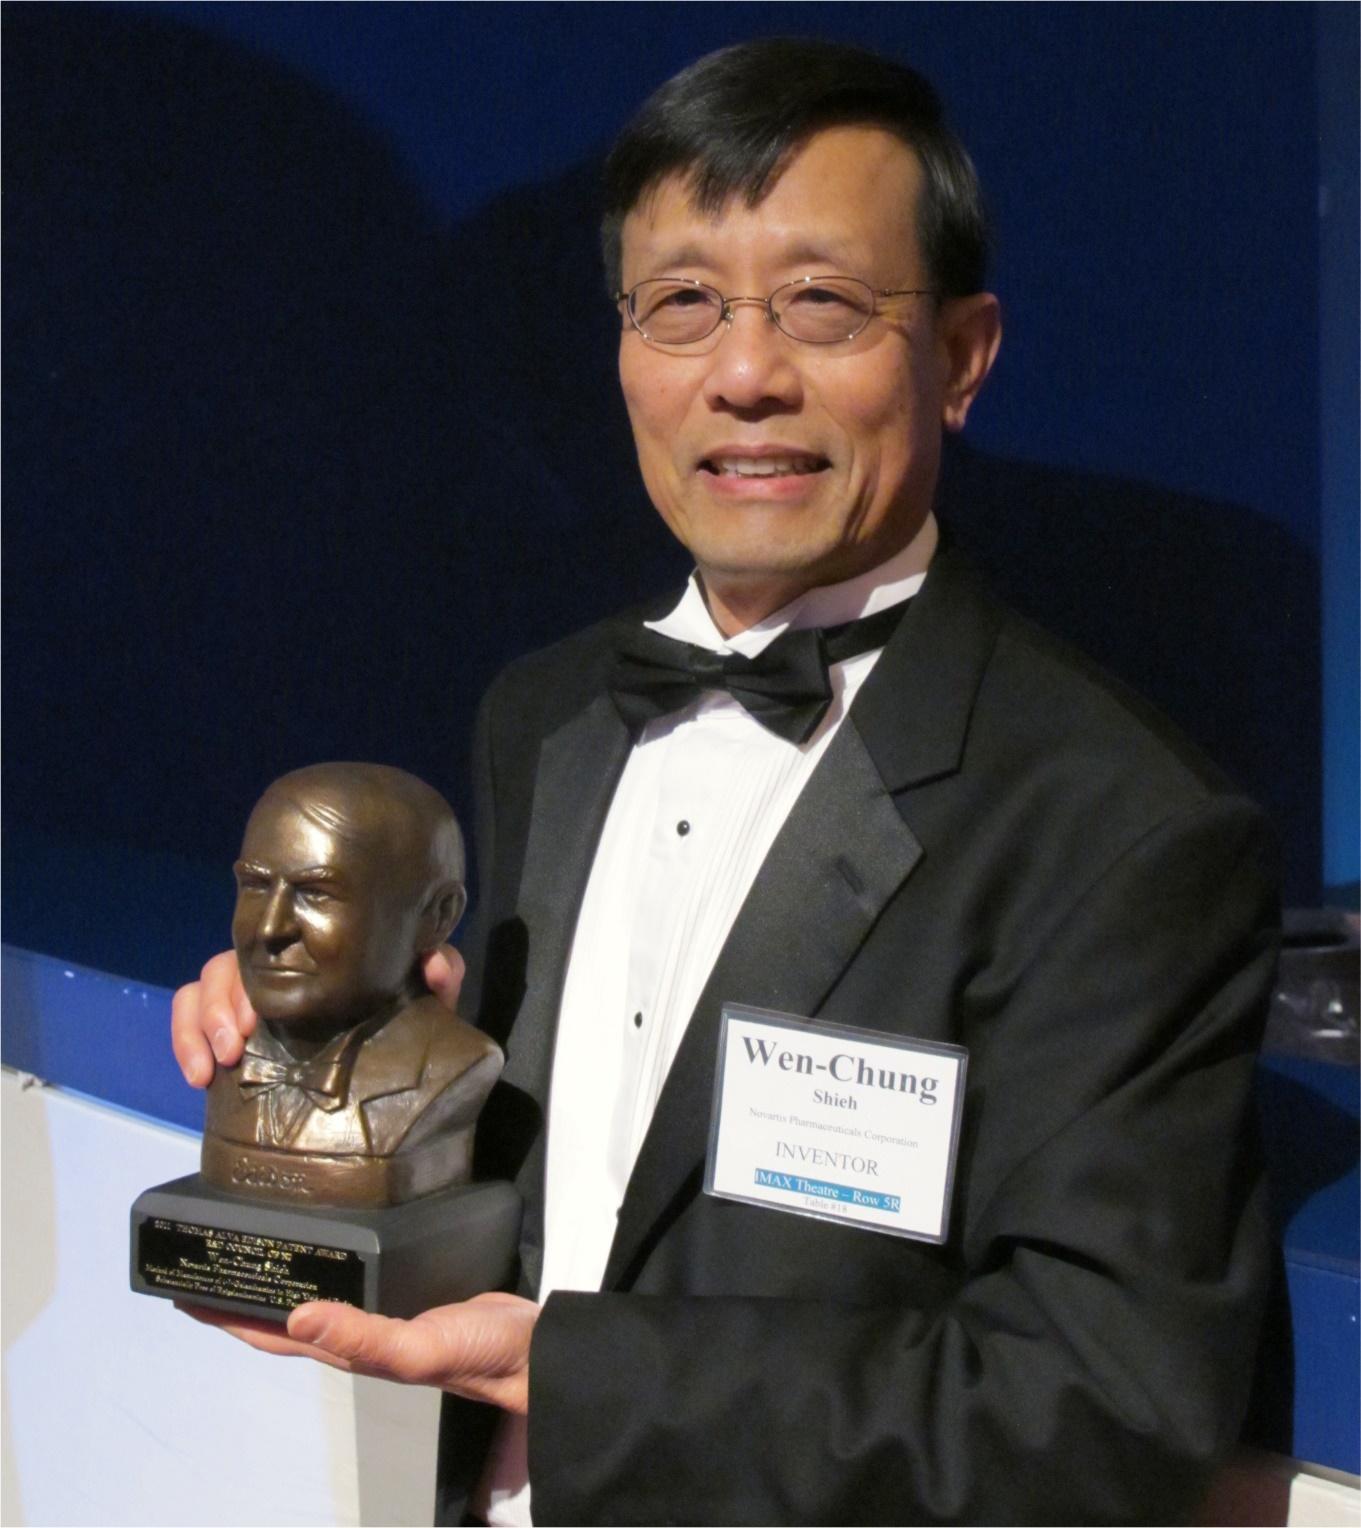 賀!諾華製藥首席科學家謝文忠校友榮獲愛迪生專利獎